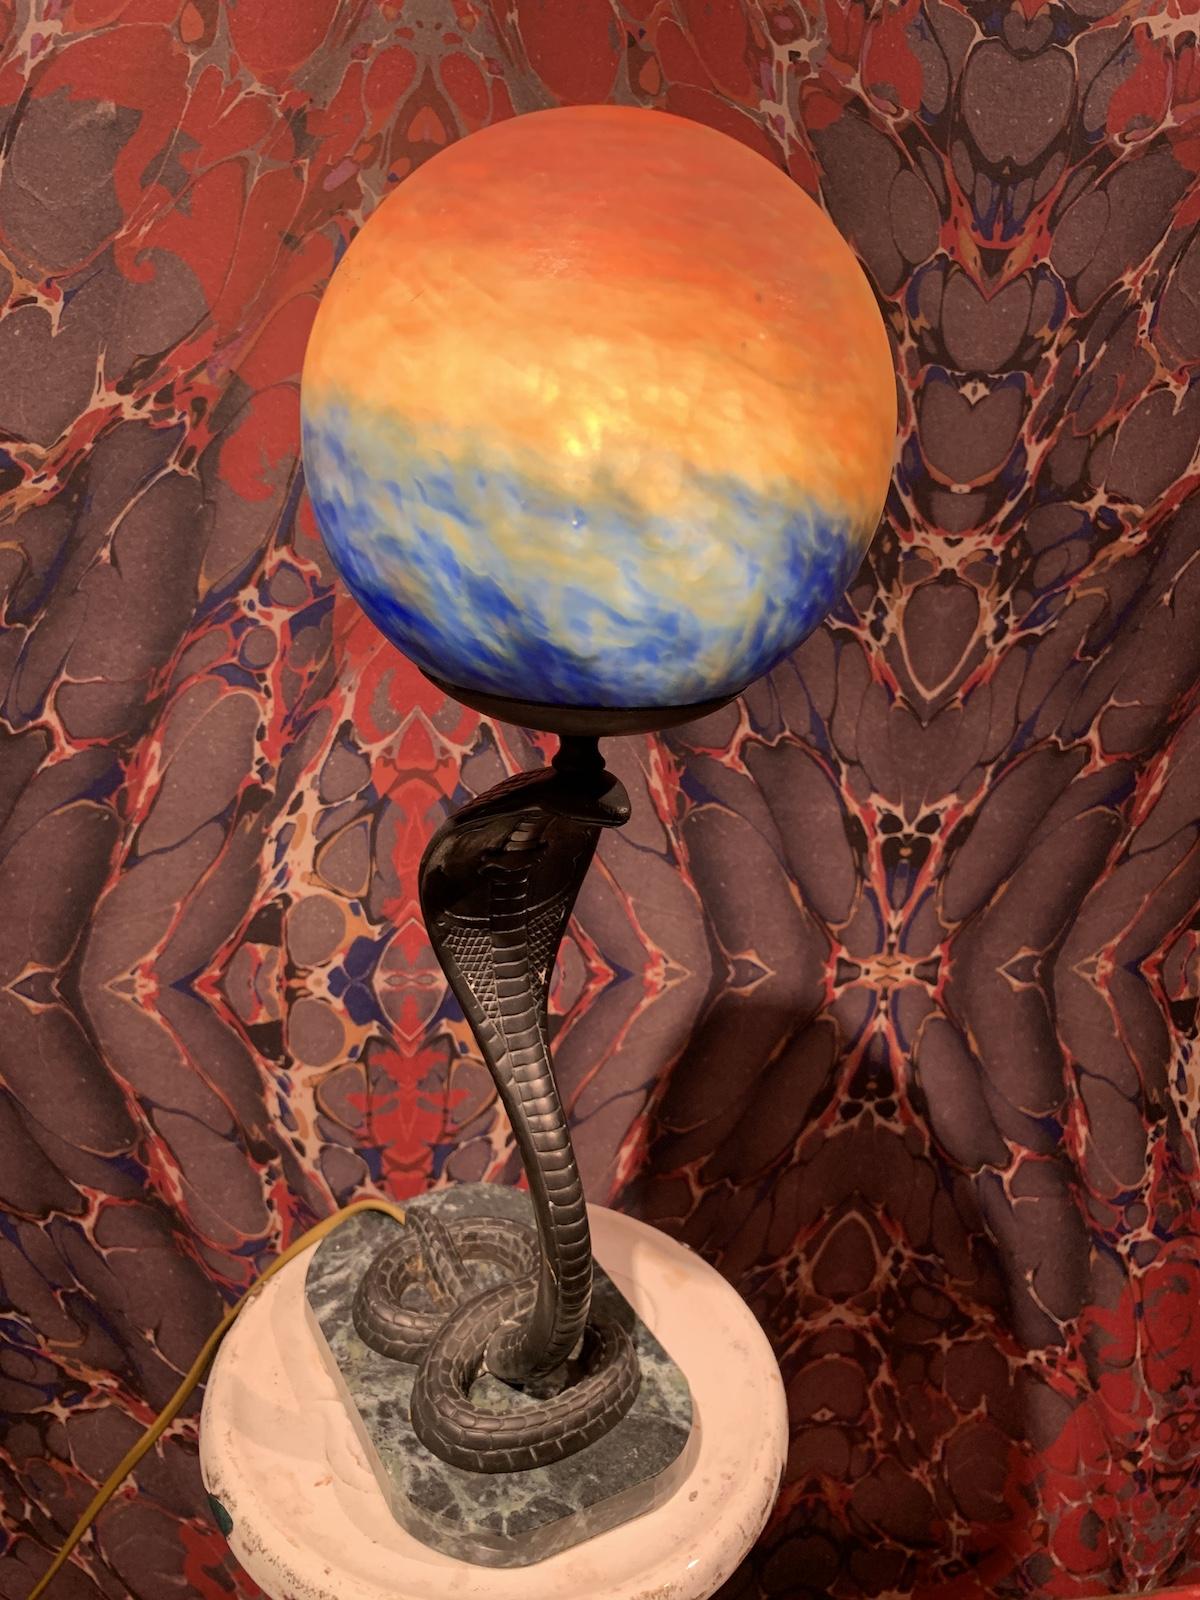 コブラのランプは100年くらい前のプロダクトをモチーフにした1960年代の一品。惑星のような照明部分も美しい。¥98,000